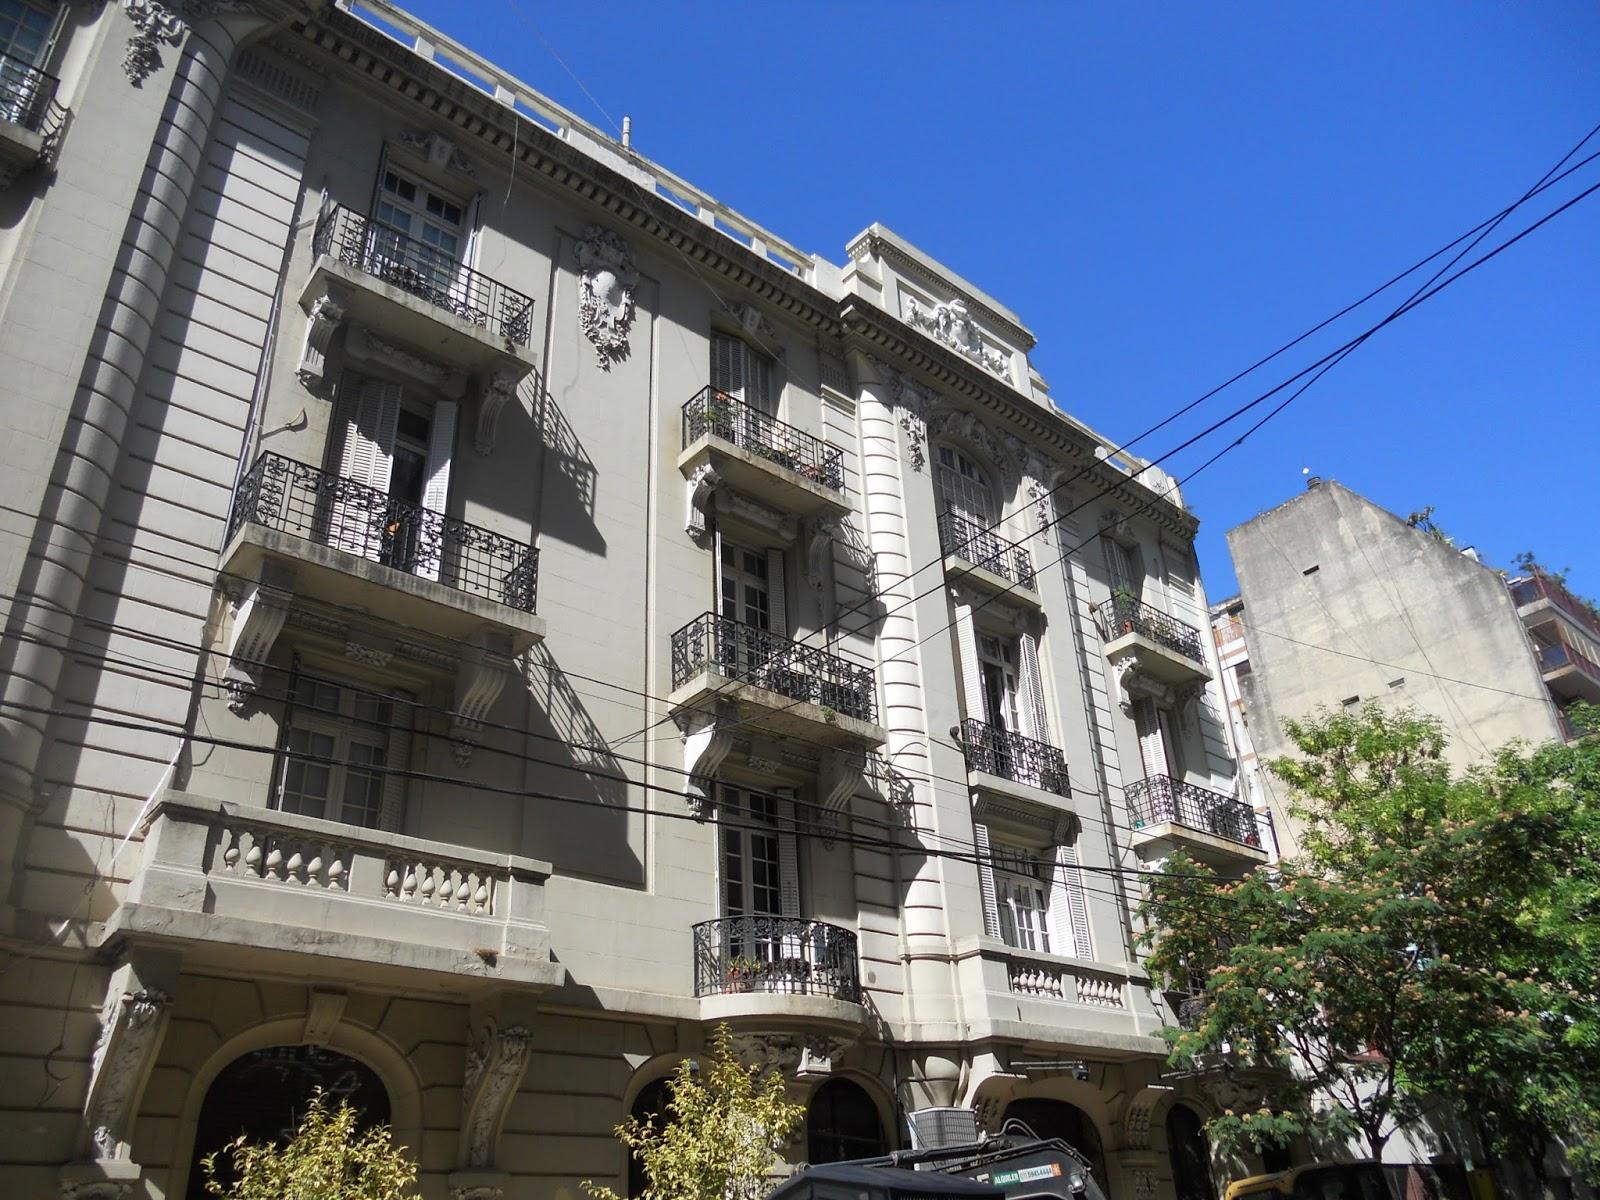 Arquitectos franceses en argentina cat logo on line de for Ingeniero arquitecto